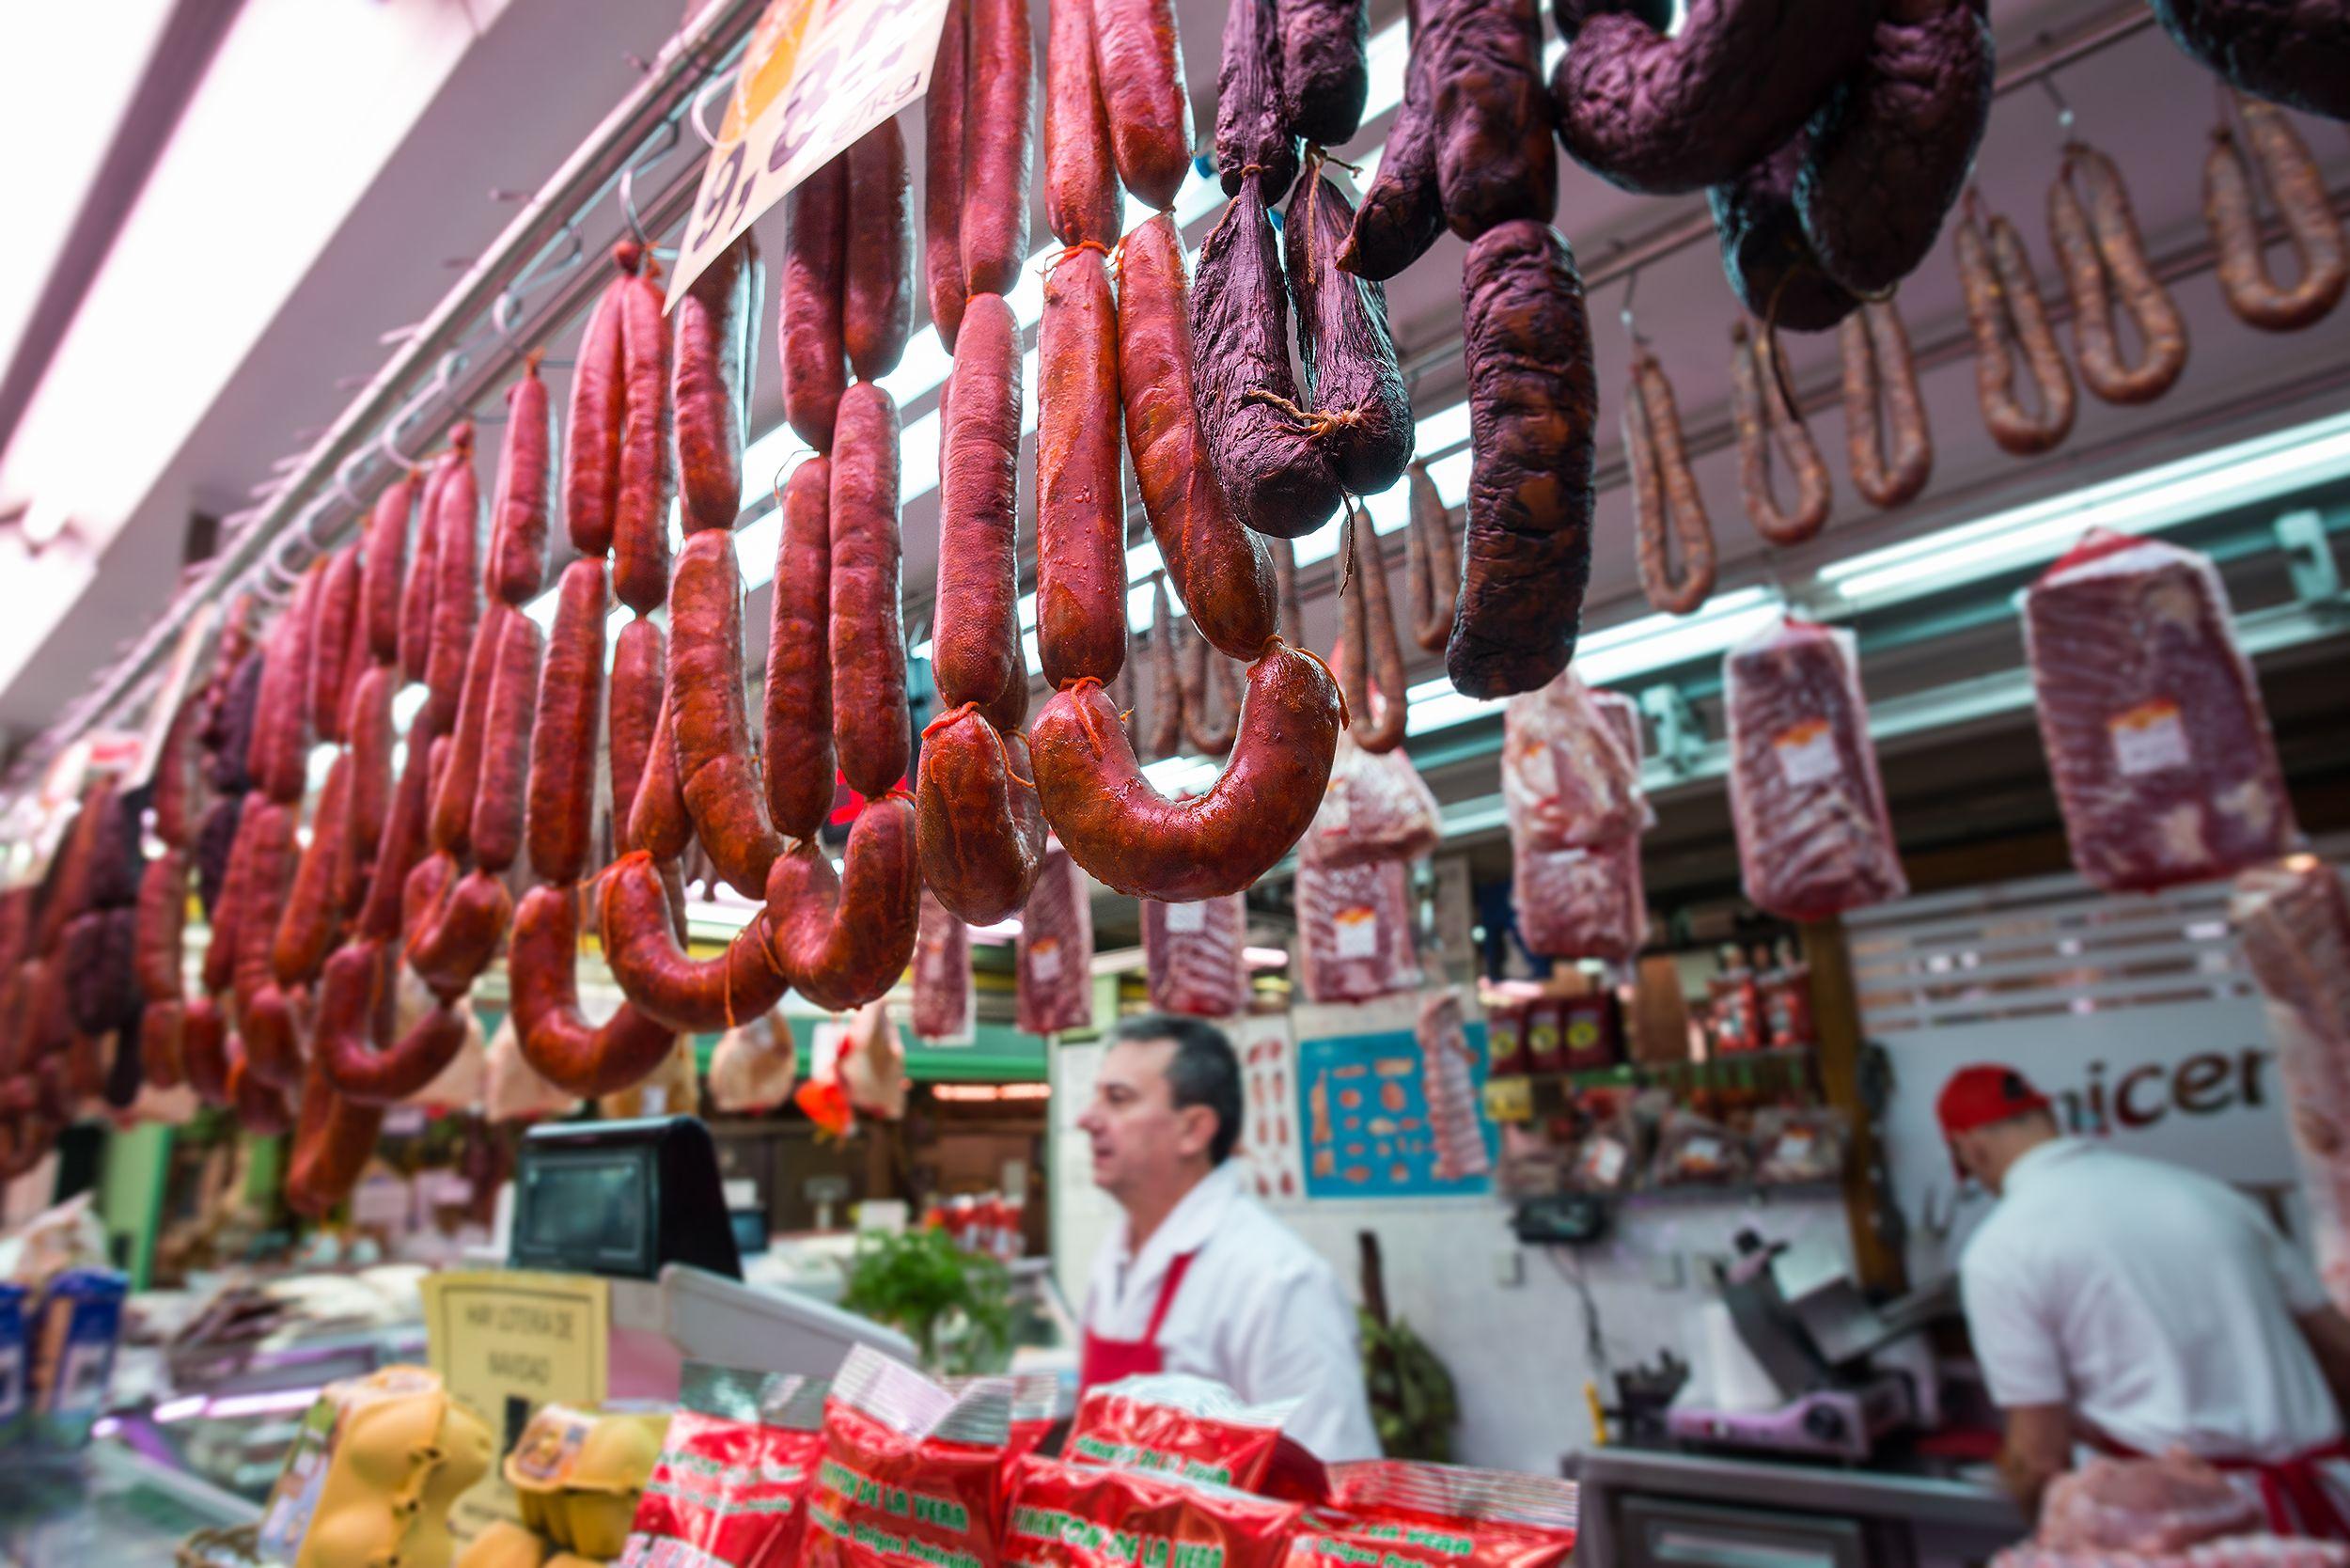 Venta de productos elaborados caseros en Oviedo